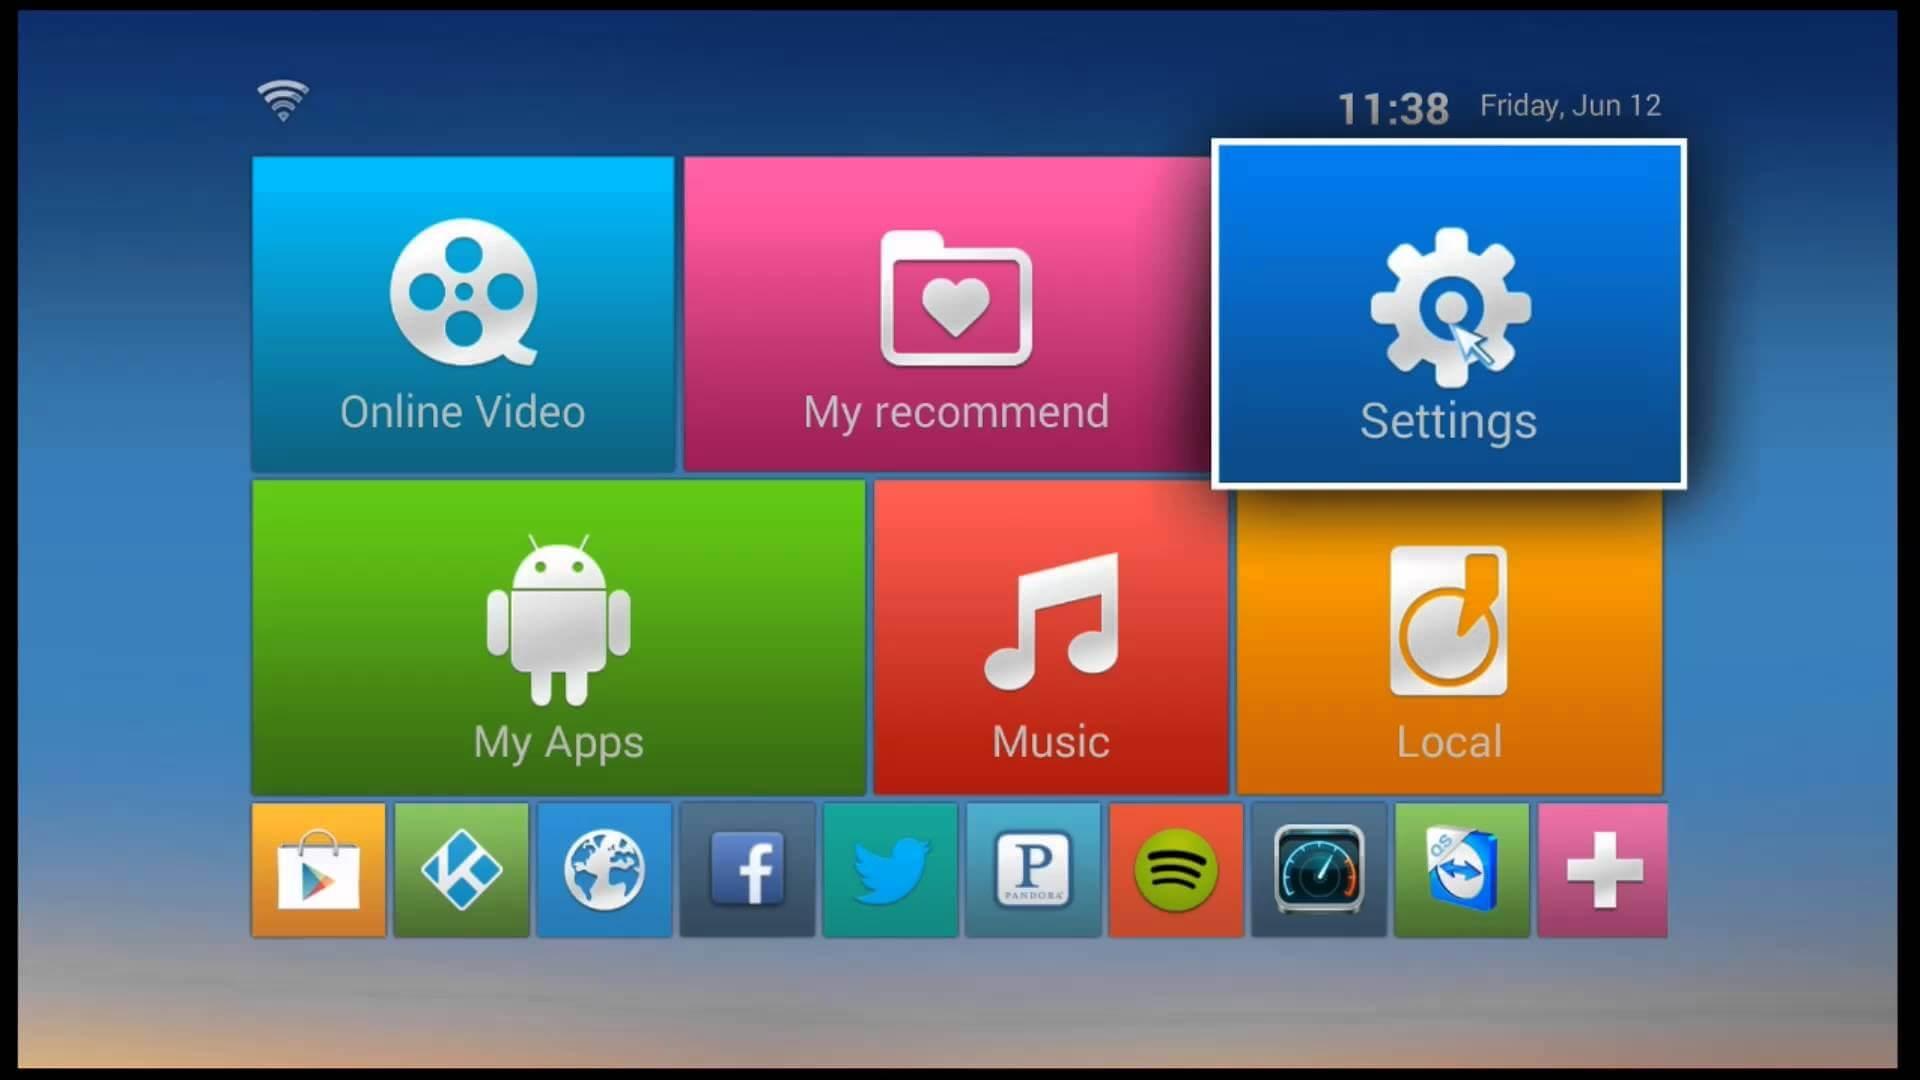 download kodi manually on android box